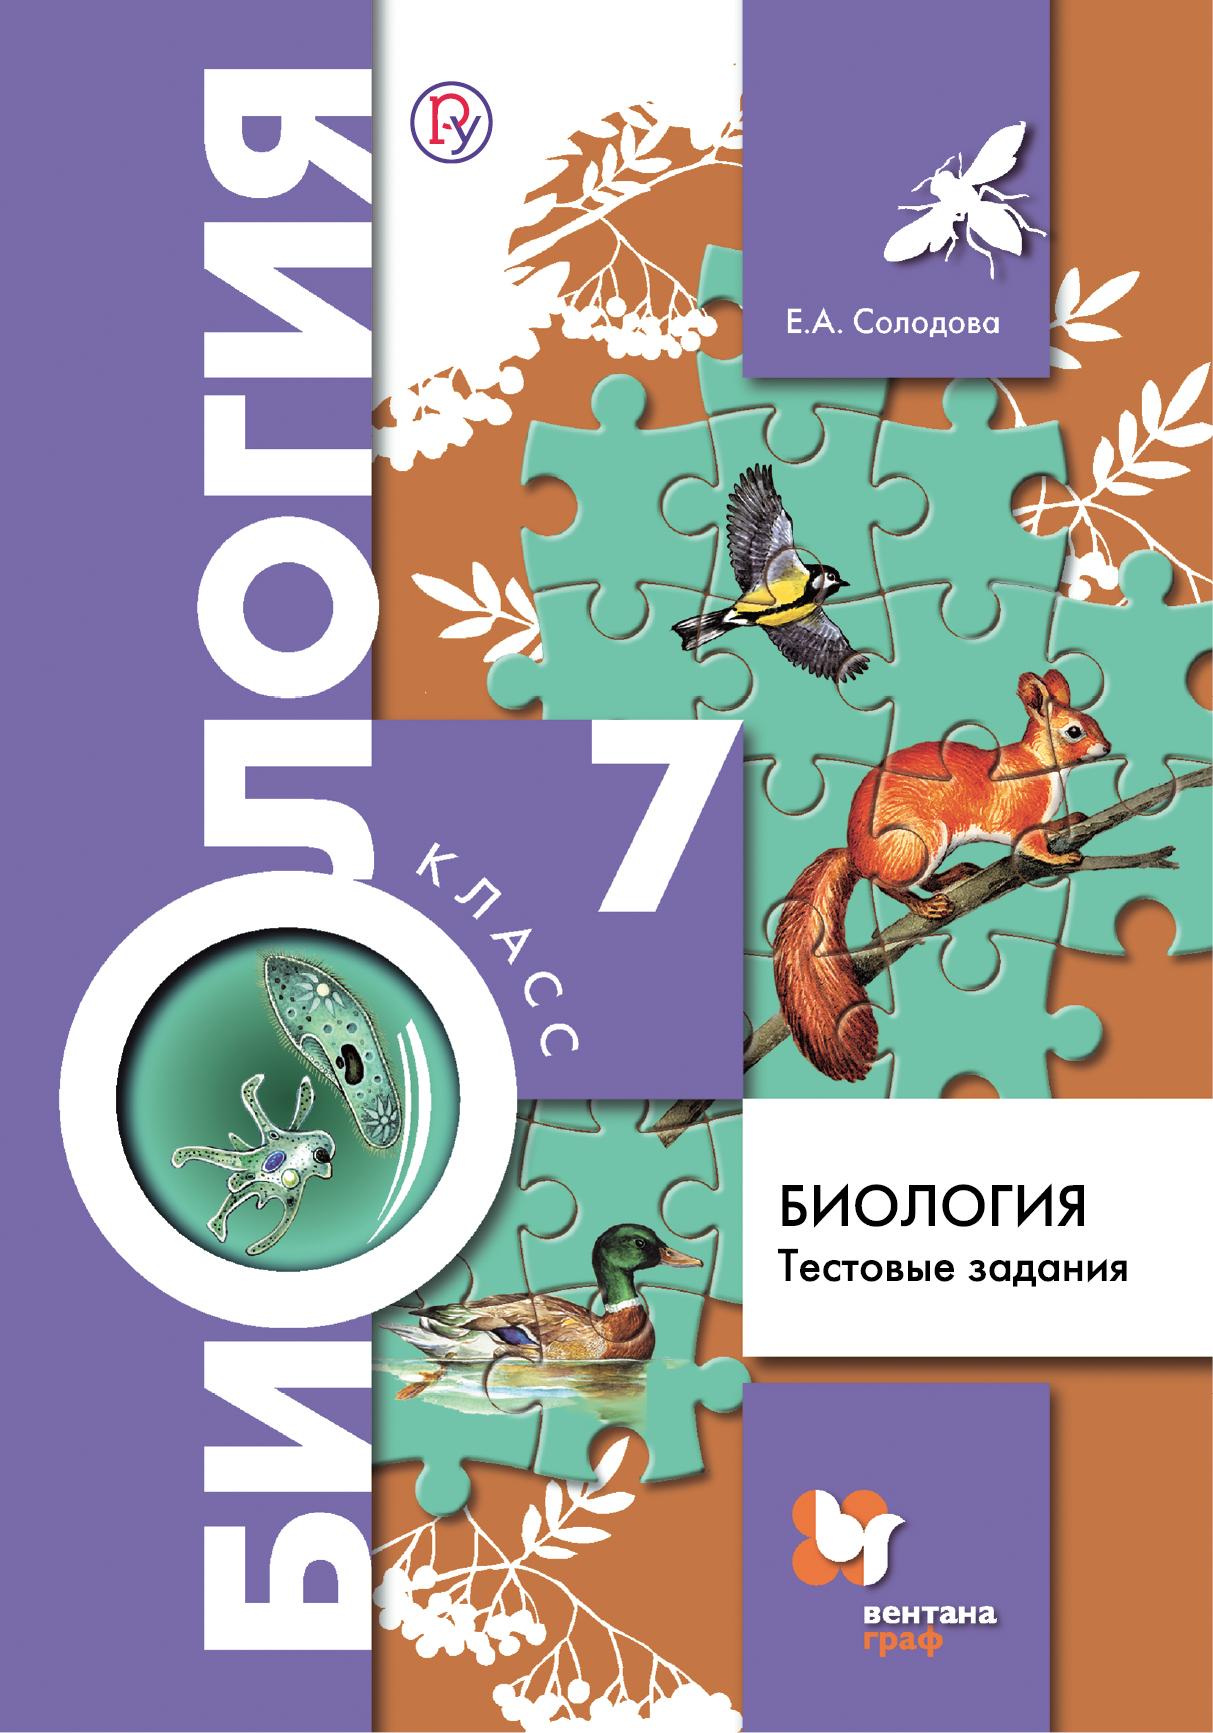 СолодоваЕ.А. Биология. 7 класс. Тестовые задания для животных класса известковые губки характерно биология 7 класс